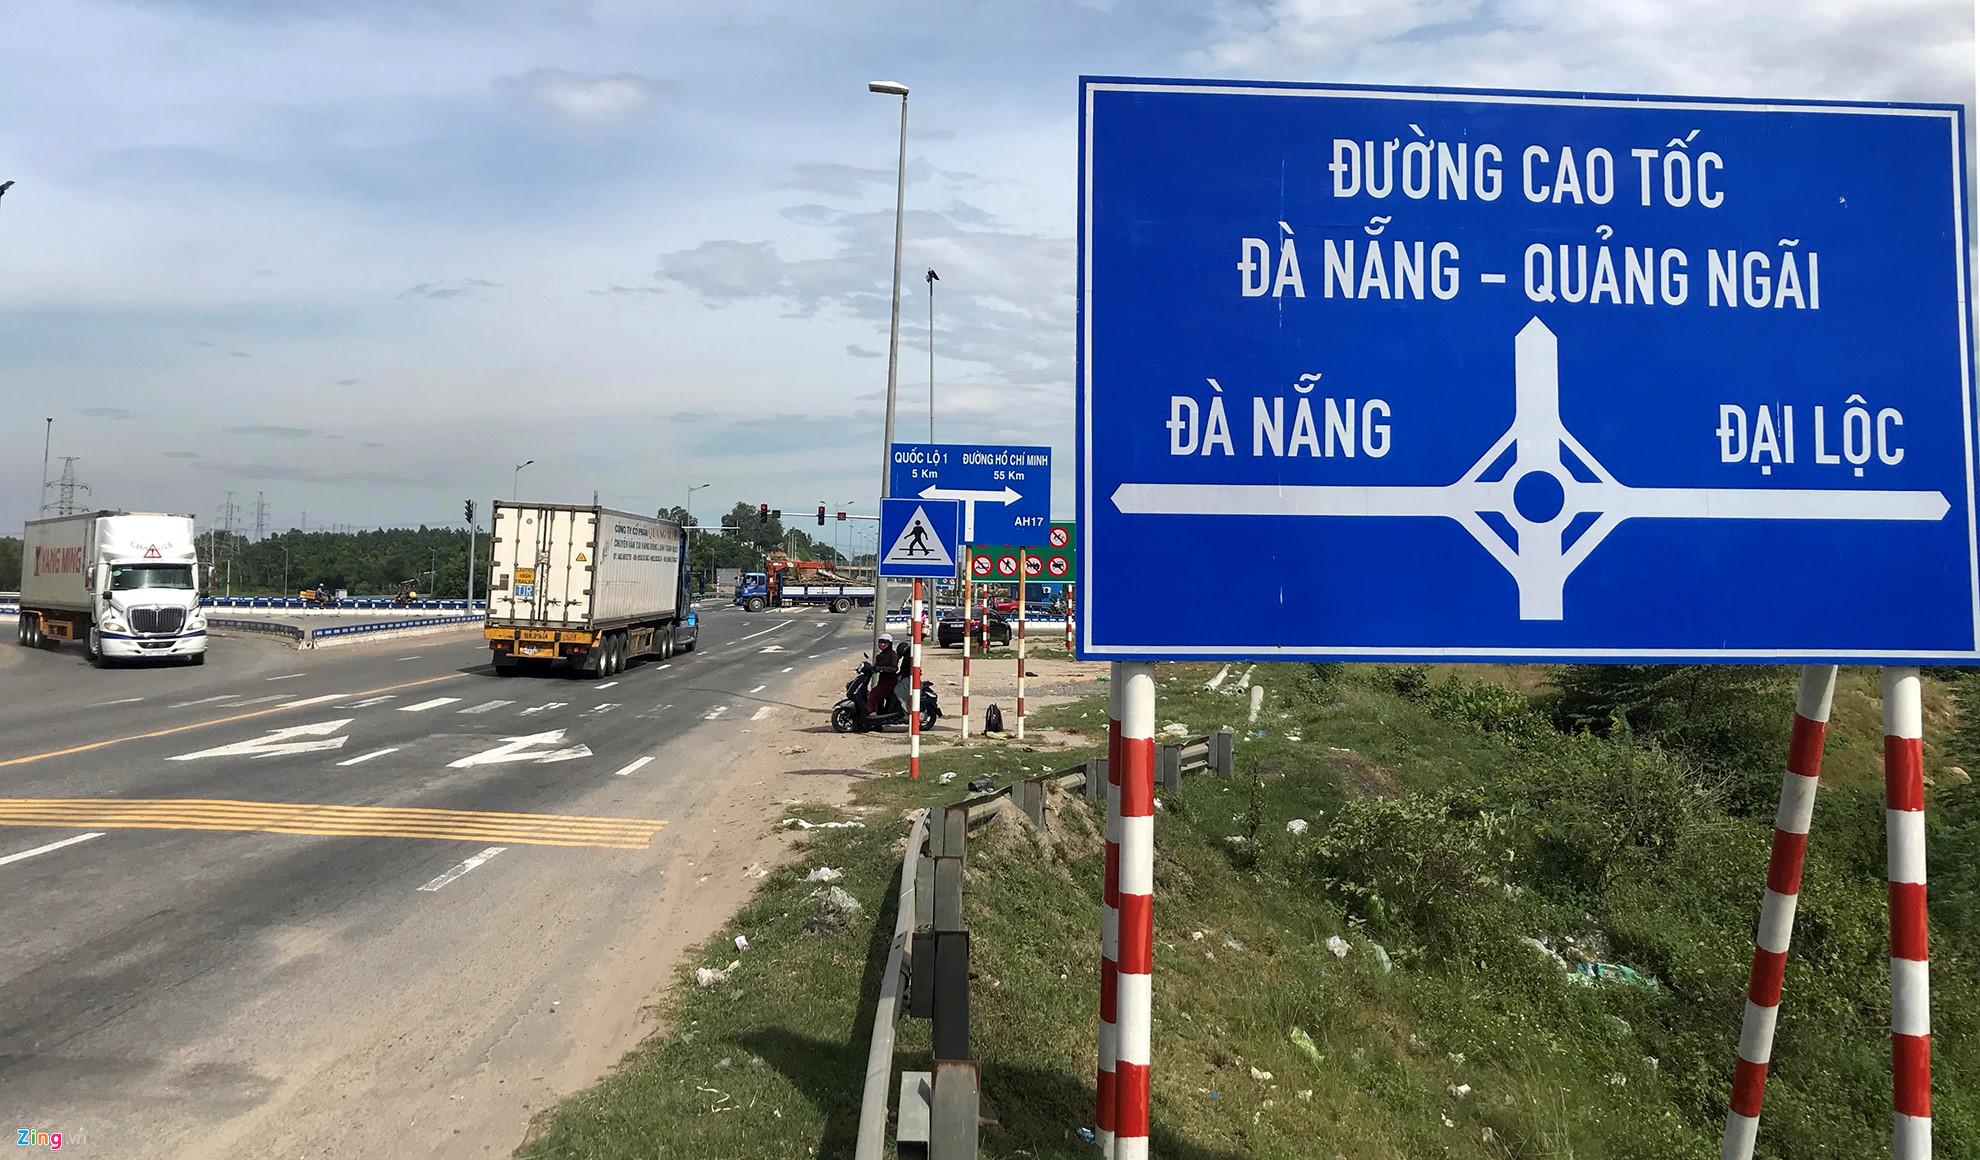 Bộ GTVT: Cao tốc Đà Nẵng - Quảng Ngãi chỉ hỏng 70m2